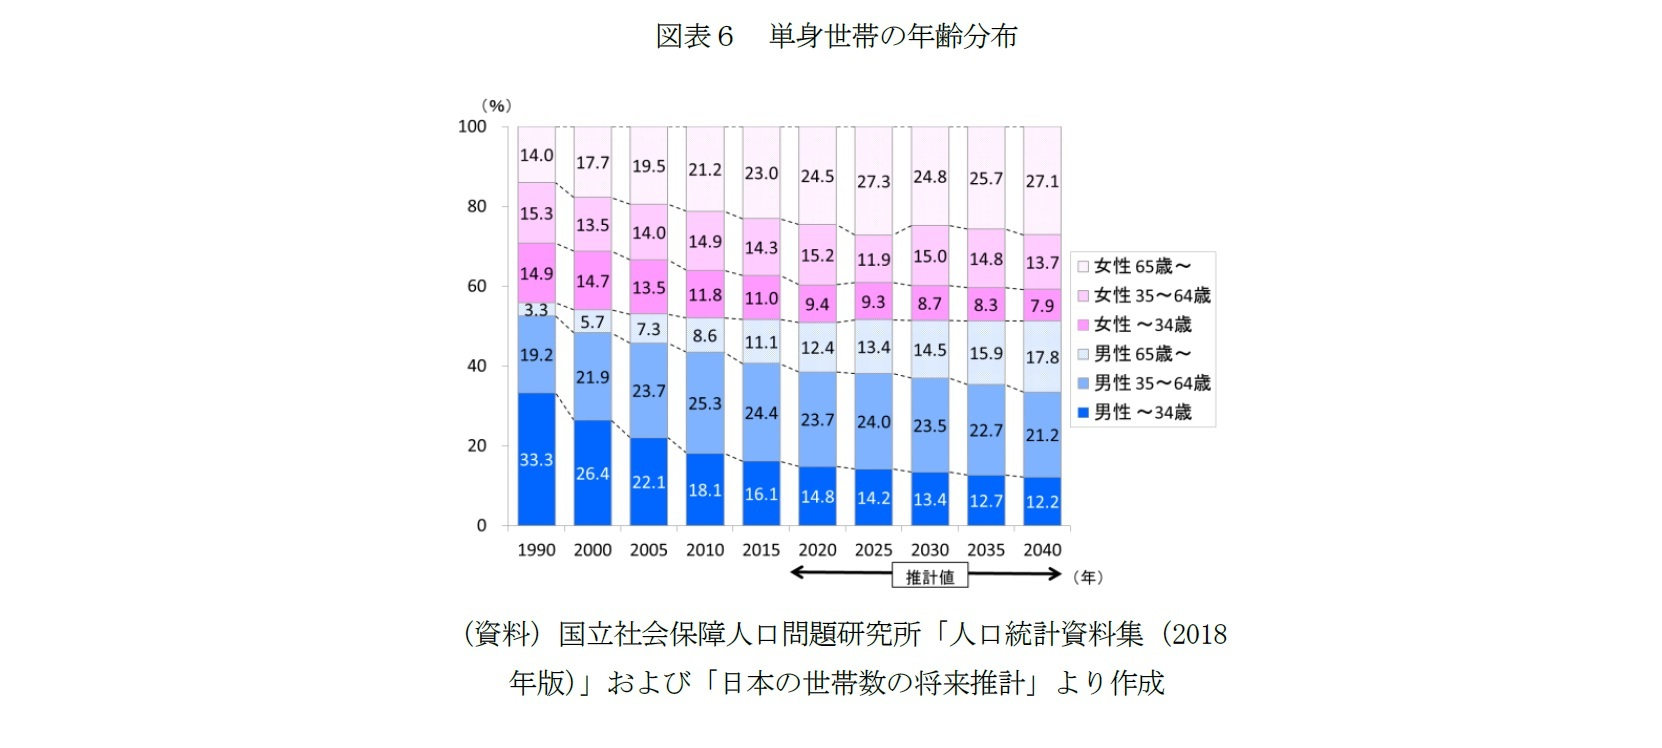 図表6 単身世帯の年齢分布